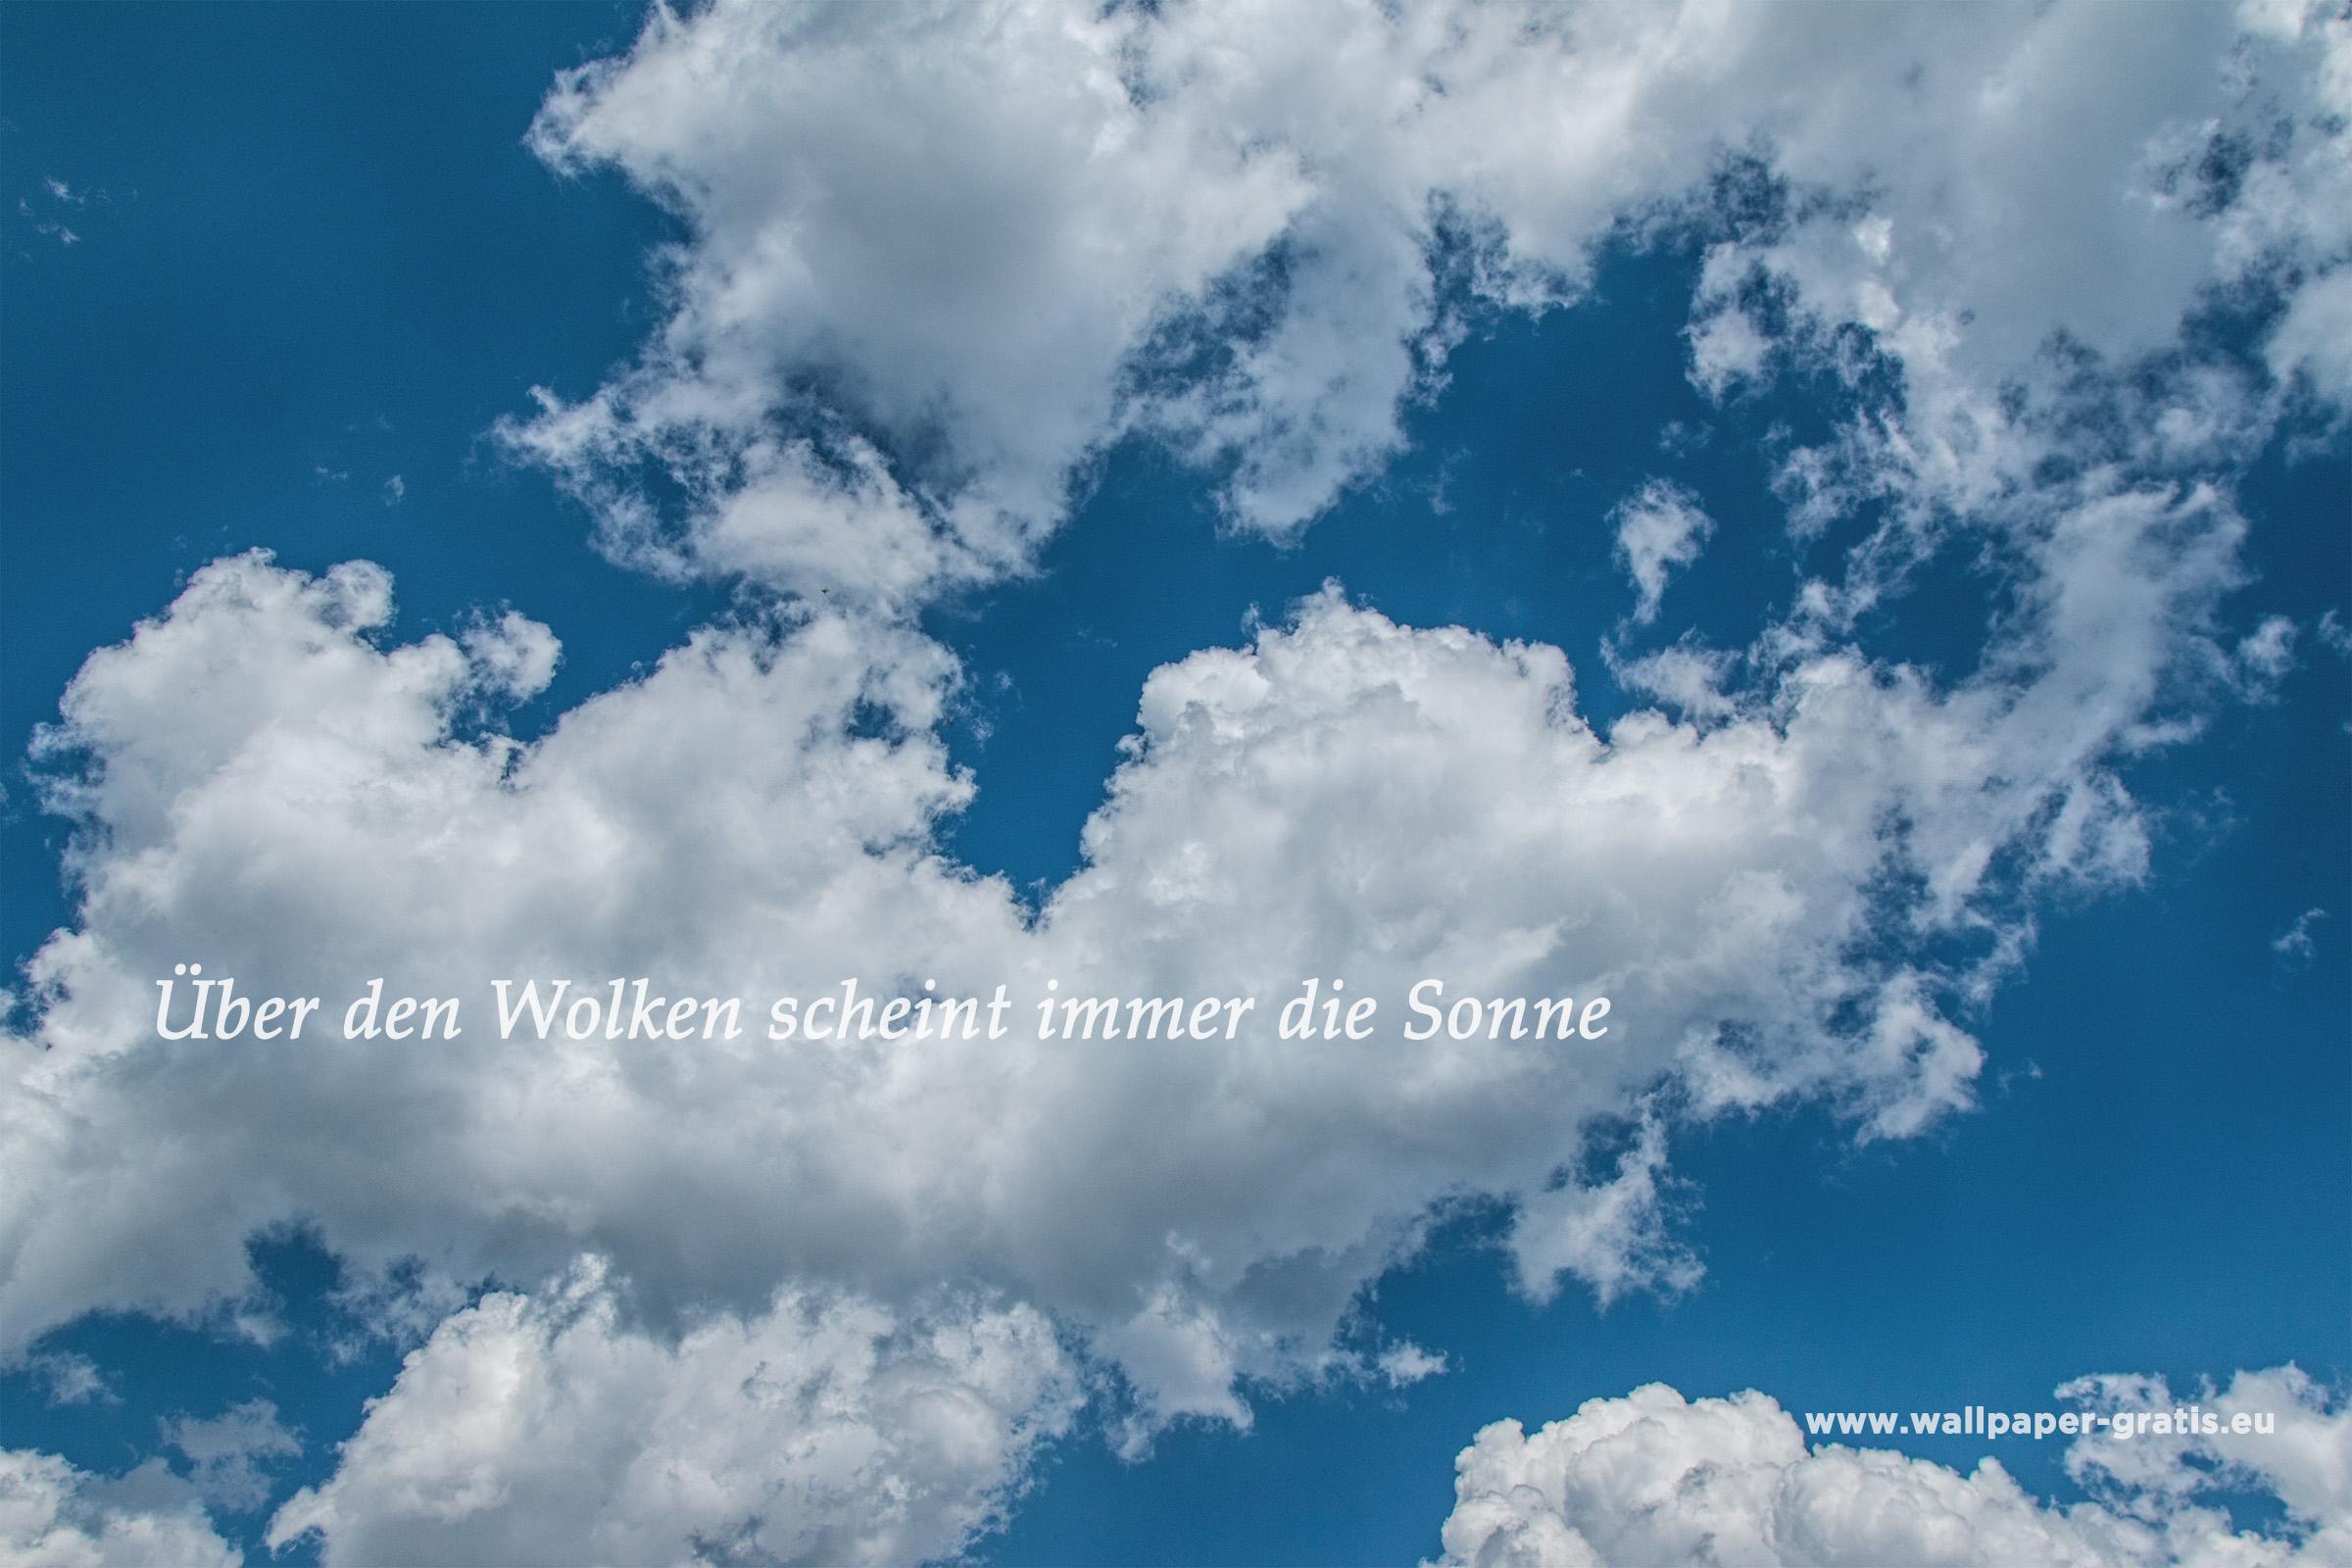 Zitat - Himmel & Wolken 005 - Hintergrundbild